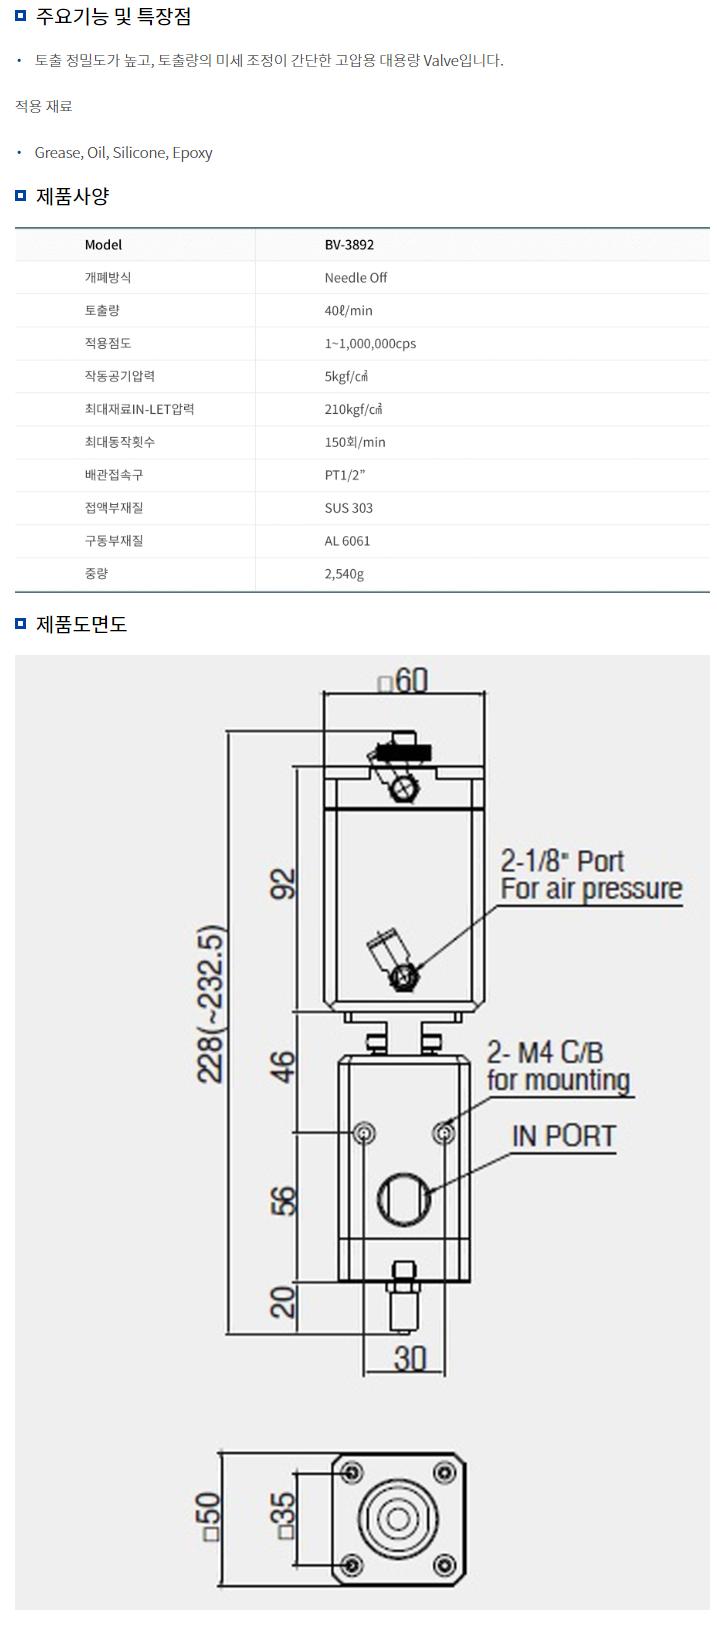 (주)반석정밀공업 High Pressure Valve BV-3892